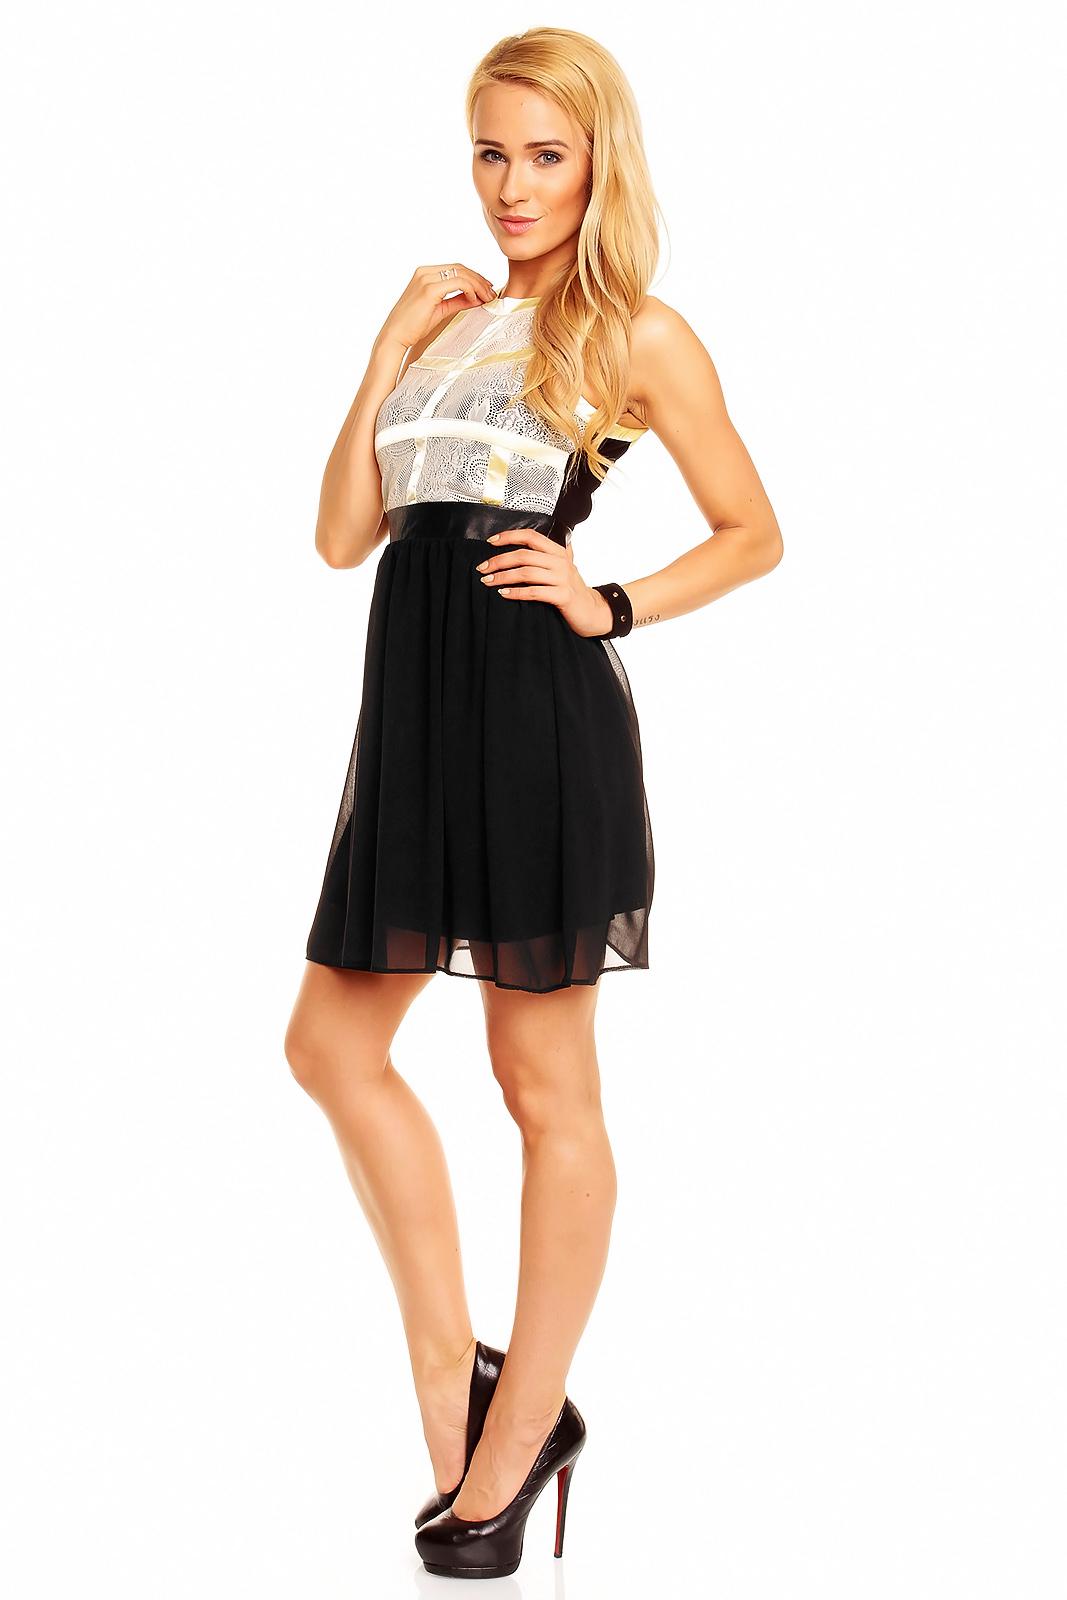 Kleid Mayaadi HS-302 Creme-Gelb-Schwarz M